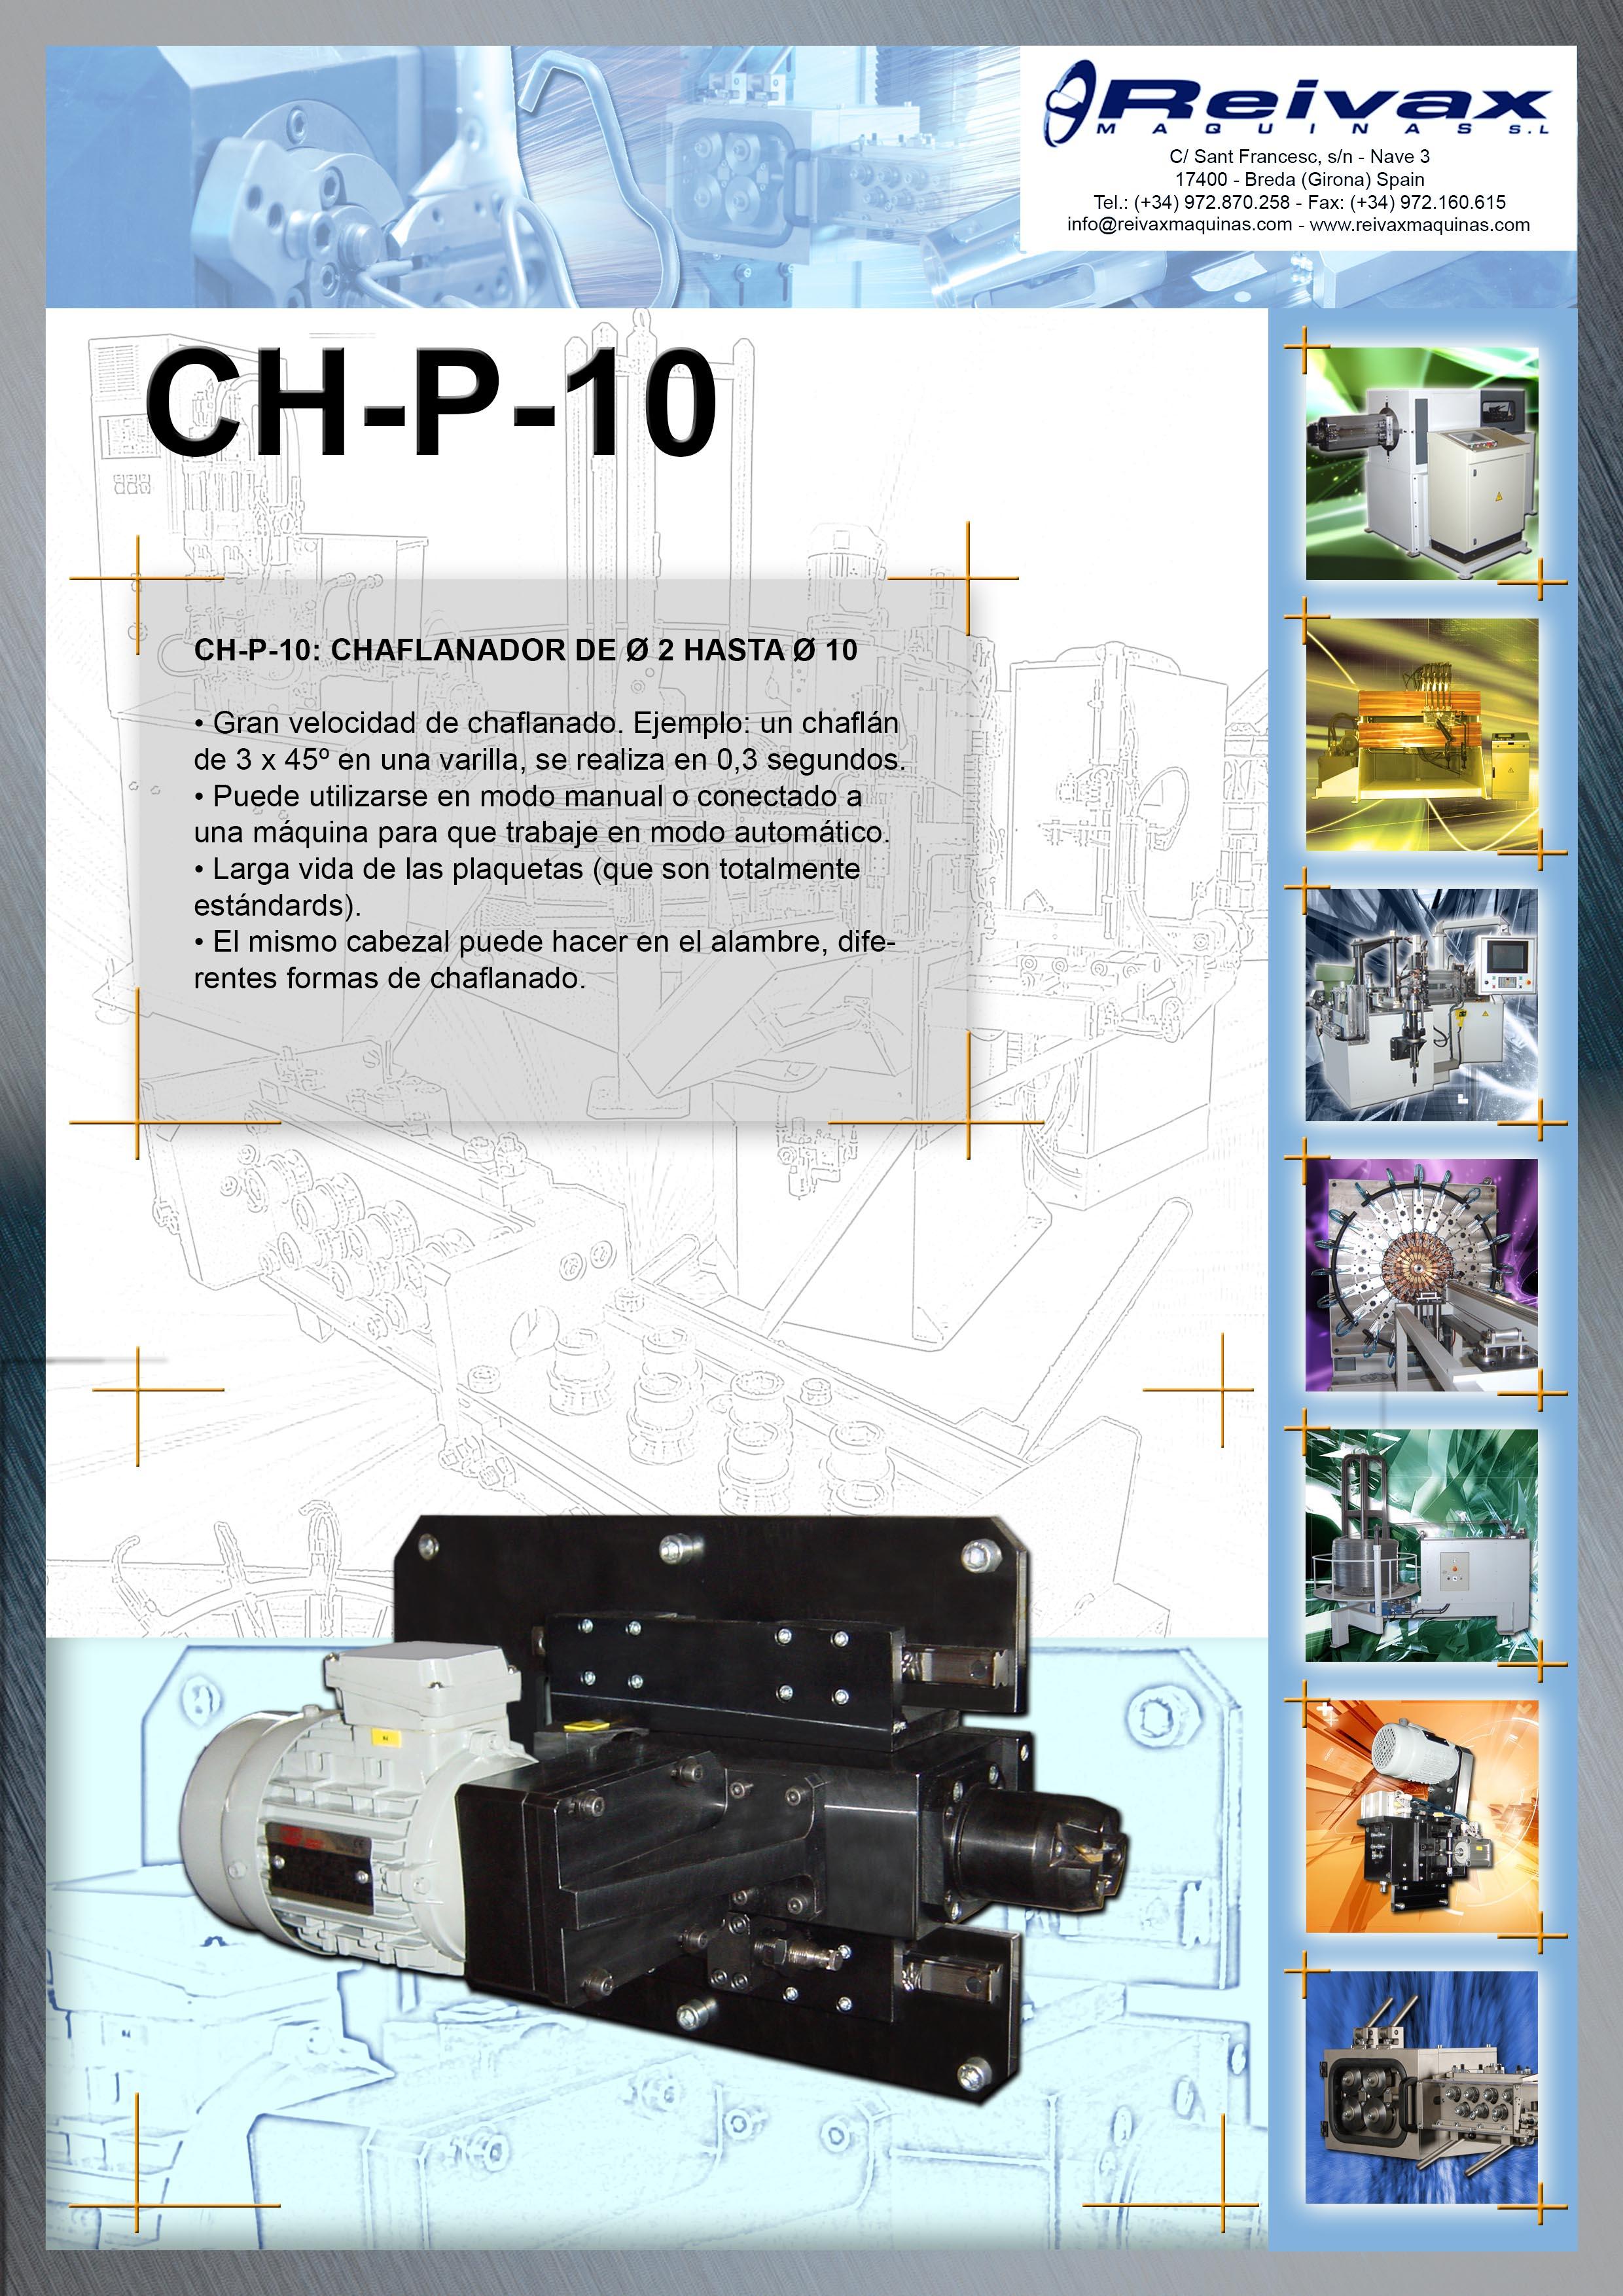 ReivaxMaquinas: Ficha Tecnica CH-P-10